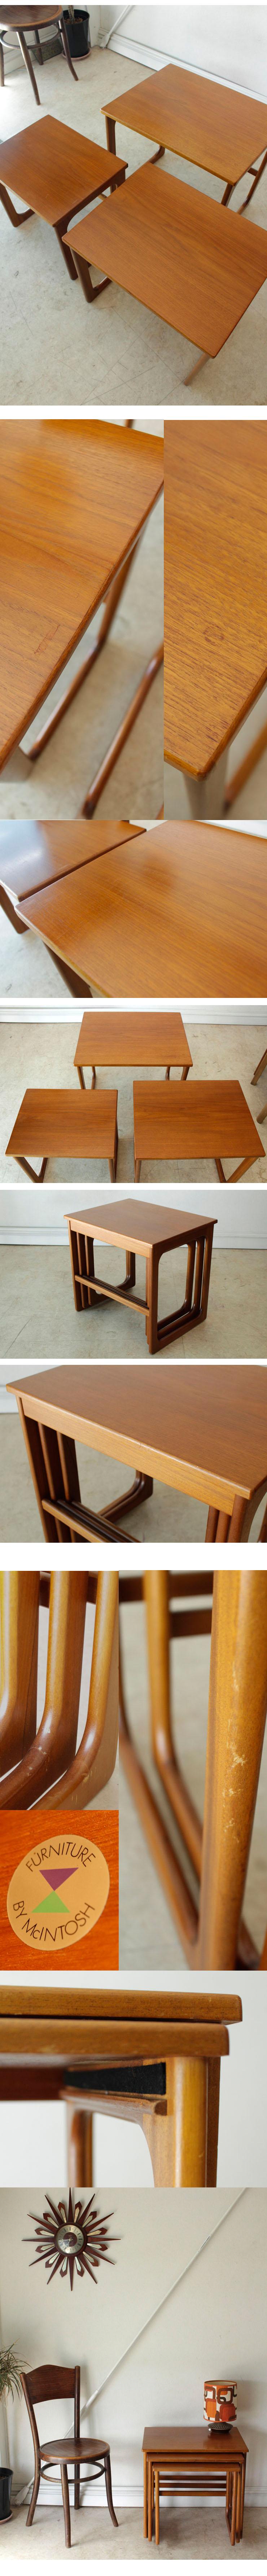 ネストテーブル,テーブル,マッキントッシュ,家具,アンティーク,イギリス,ビンテージ,ミッドセンチュリー